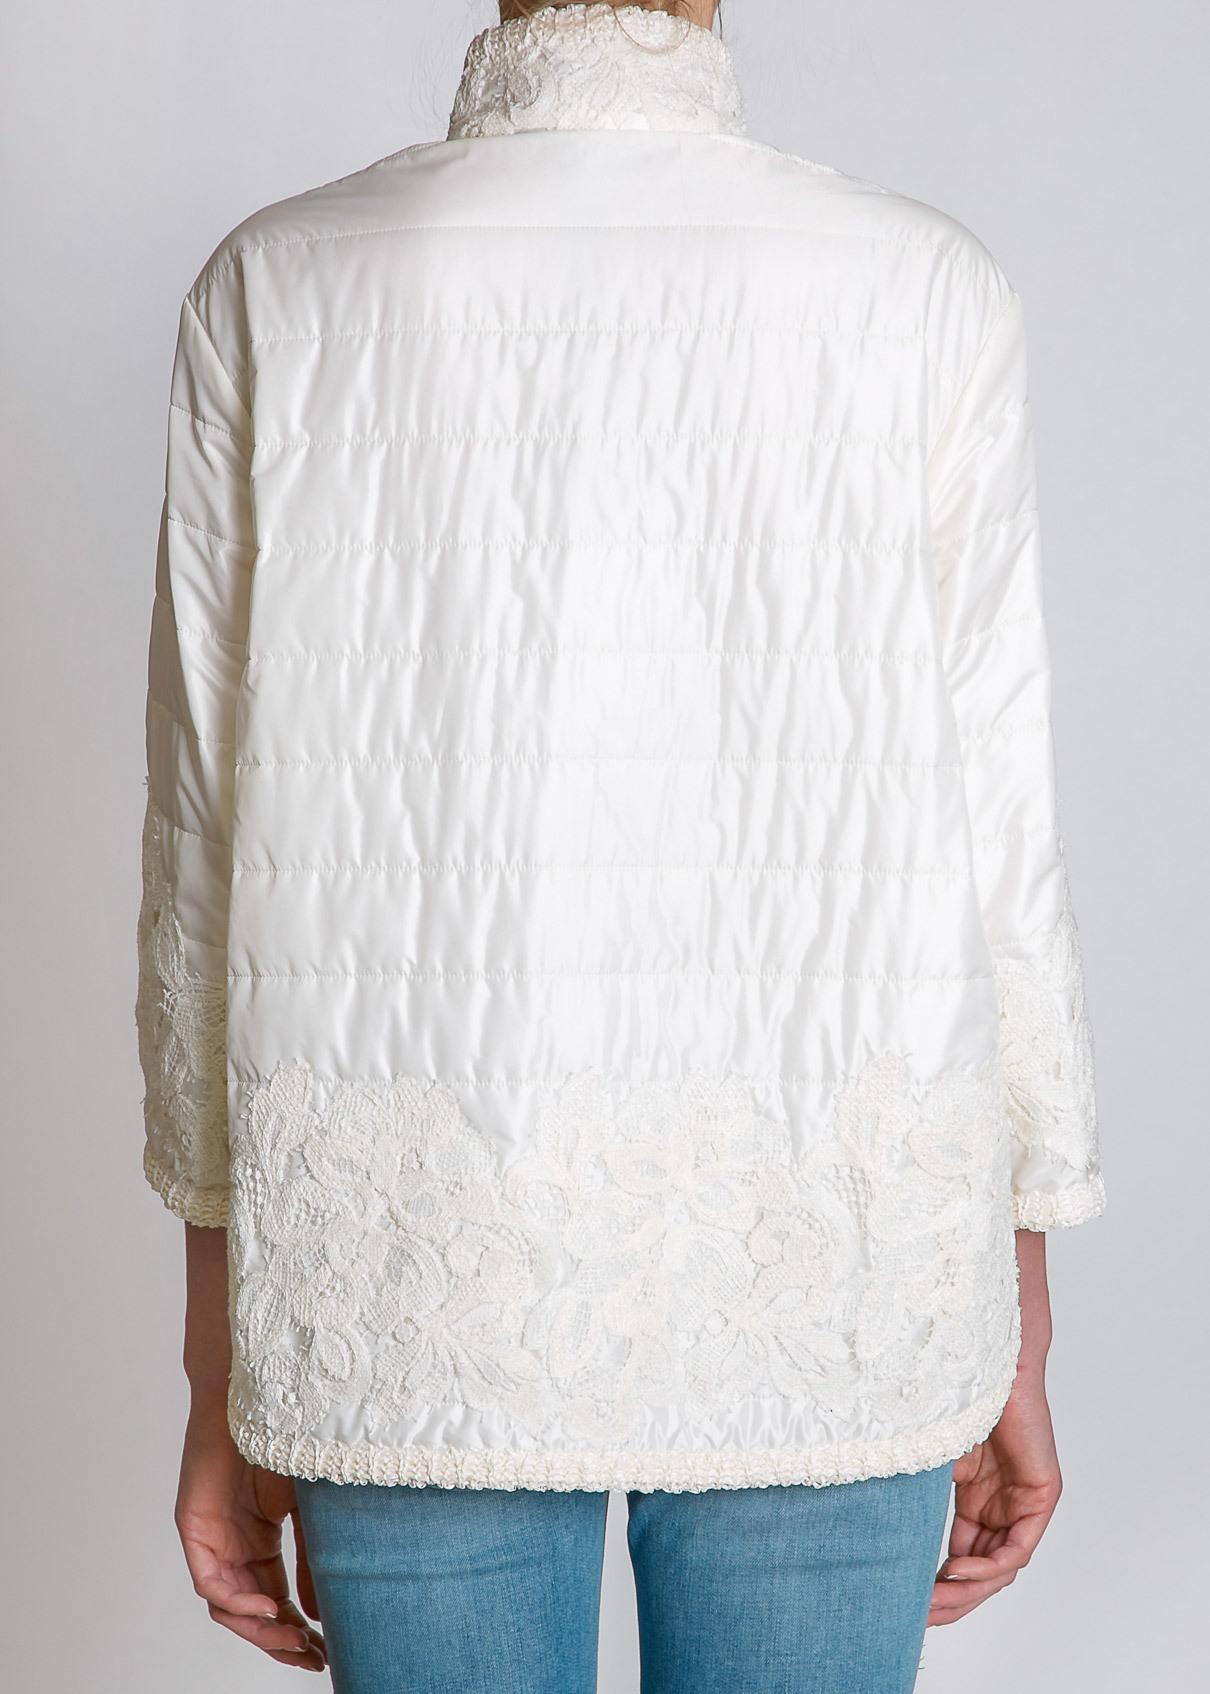 Женская верхняя одежда весна 2017 доставка